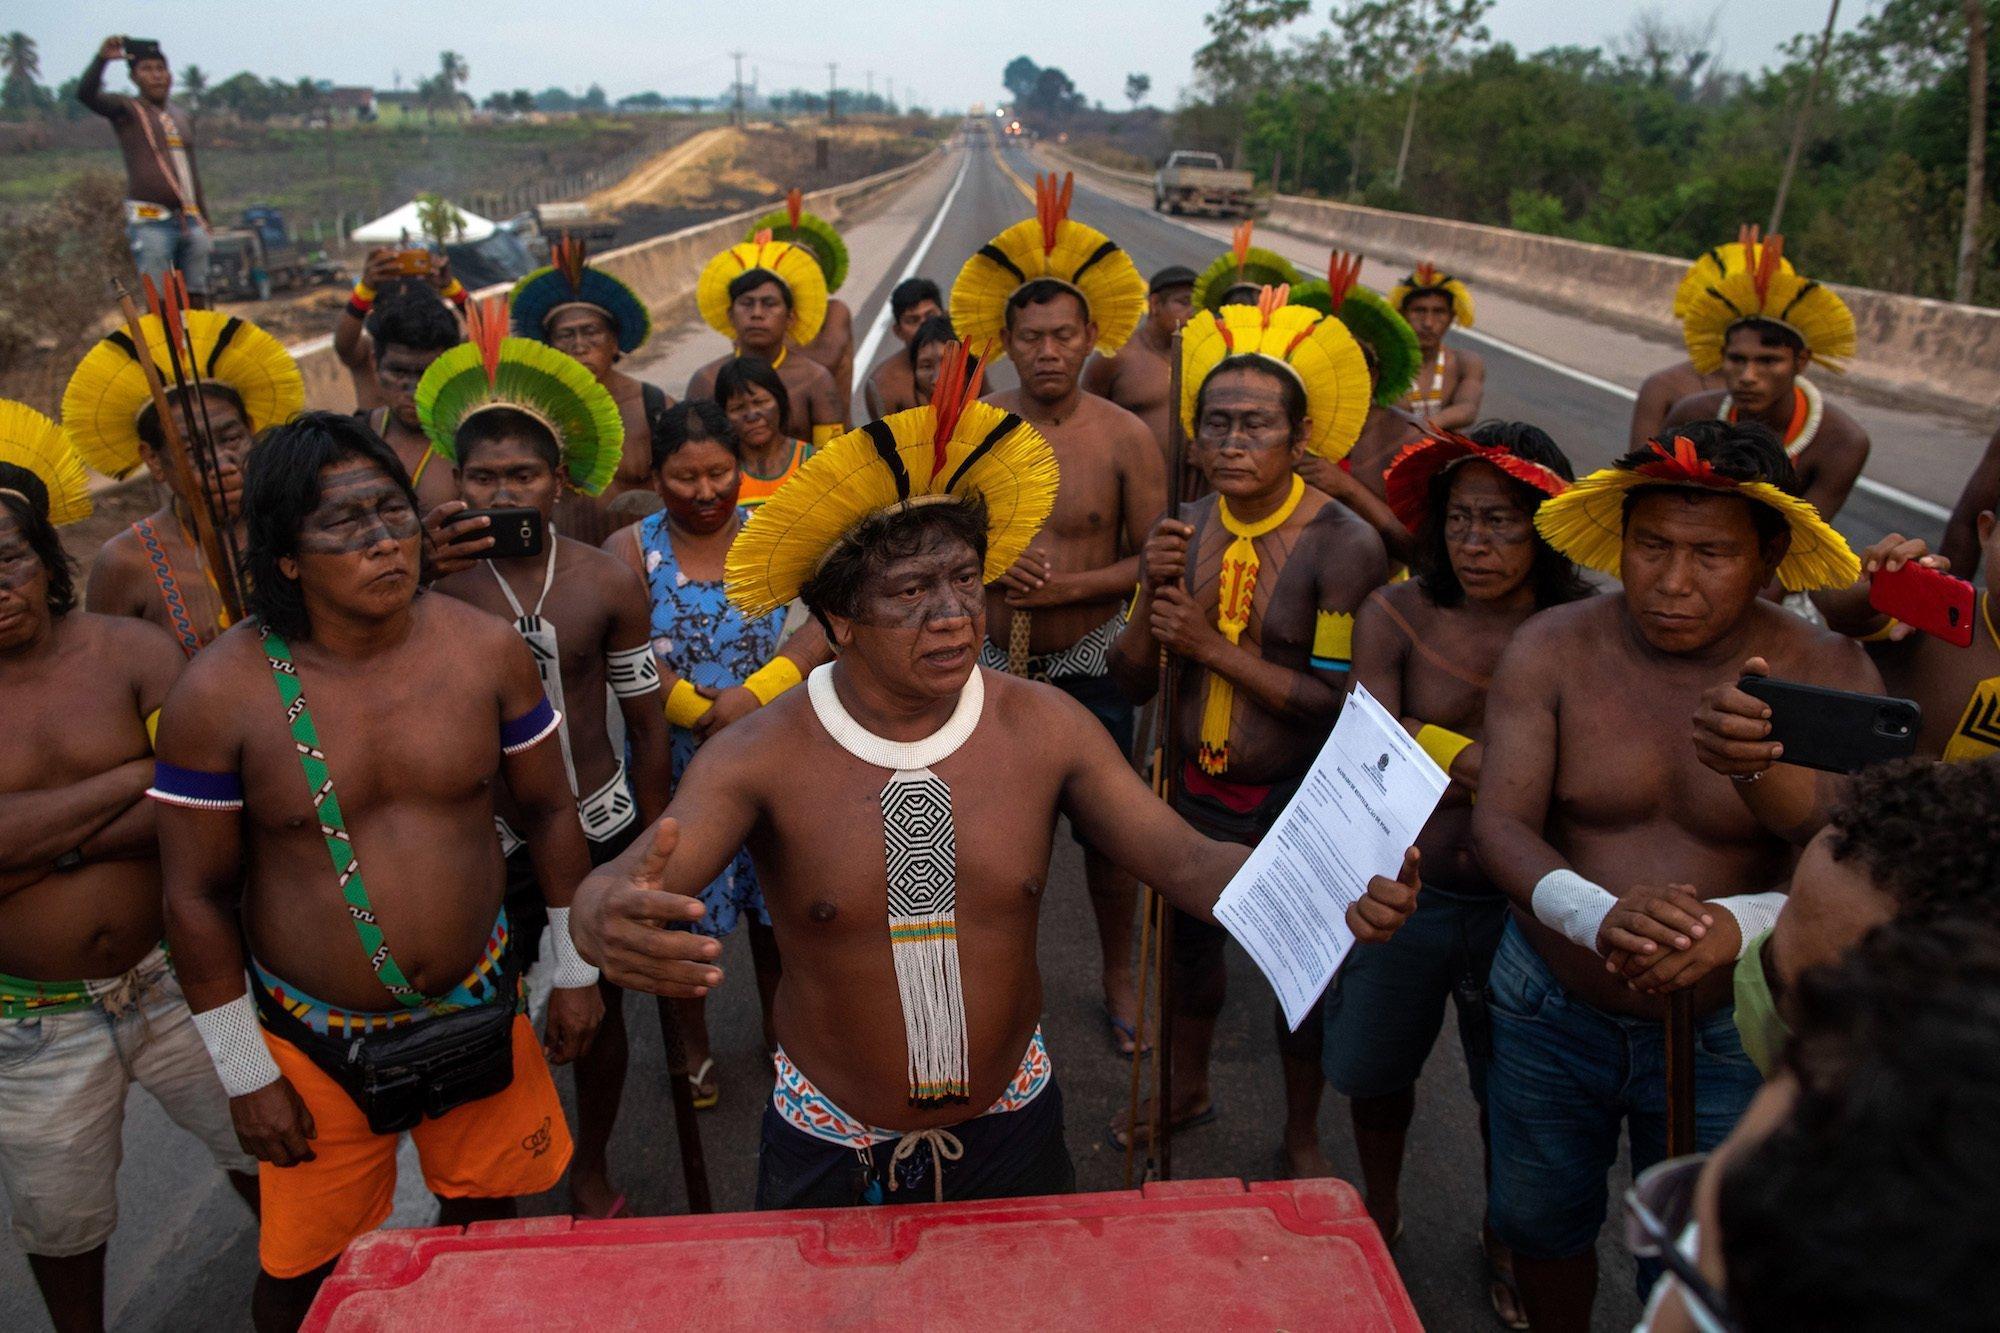 Angehörige des Stammes tragen Federschmuck und traditionelle Waffen bei sich, während sie mit nackten Oberkörpern mitten auf der blockierten Straße stehen. Der Anführer hält ein Dokument in der Hand, mit dem die Gruppe aufgefordert wird, die Blockade zu beenden.